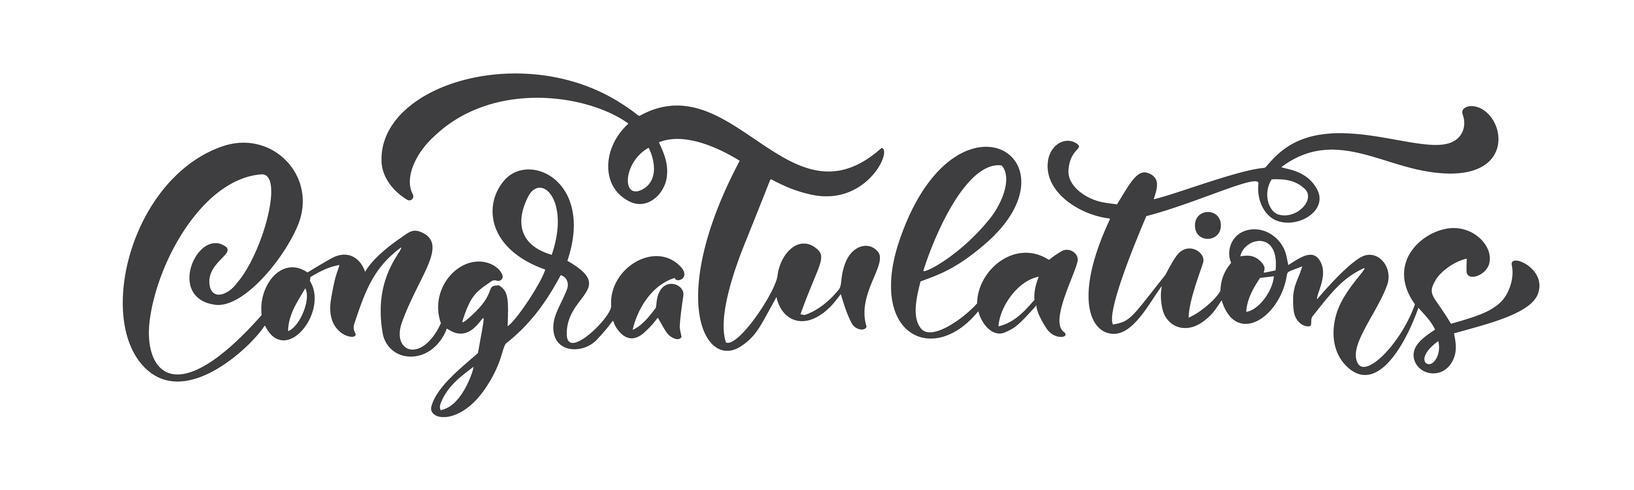 """Calligraphie dessiné à la main lettrage texte isolé """"Félicitations"""""""